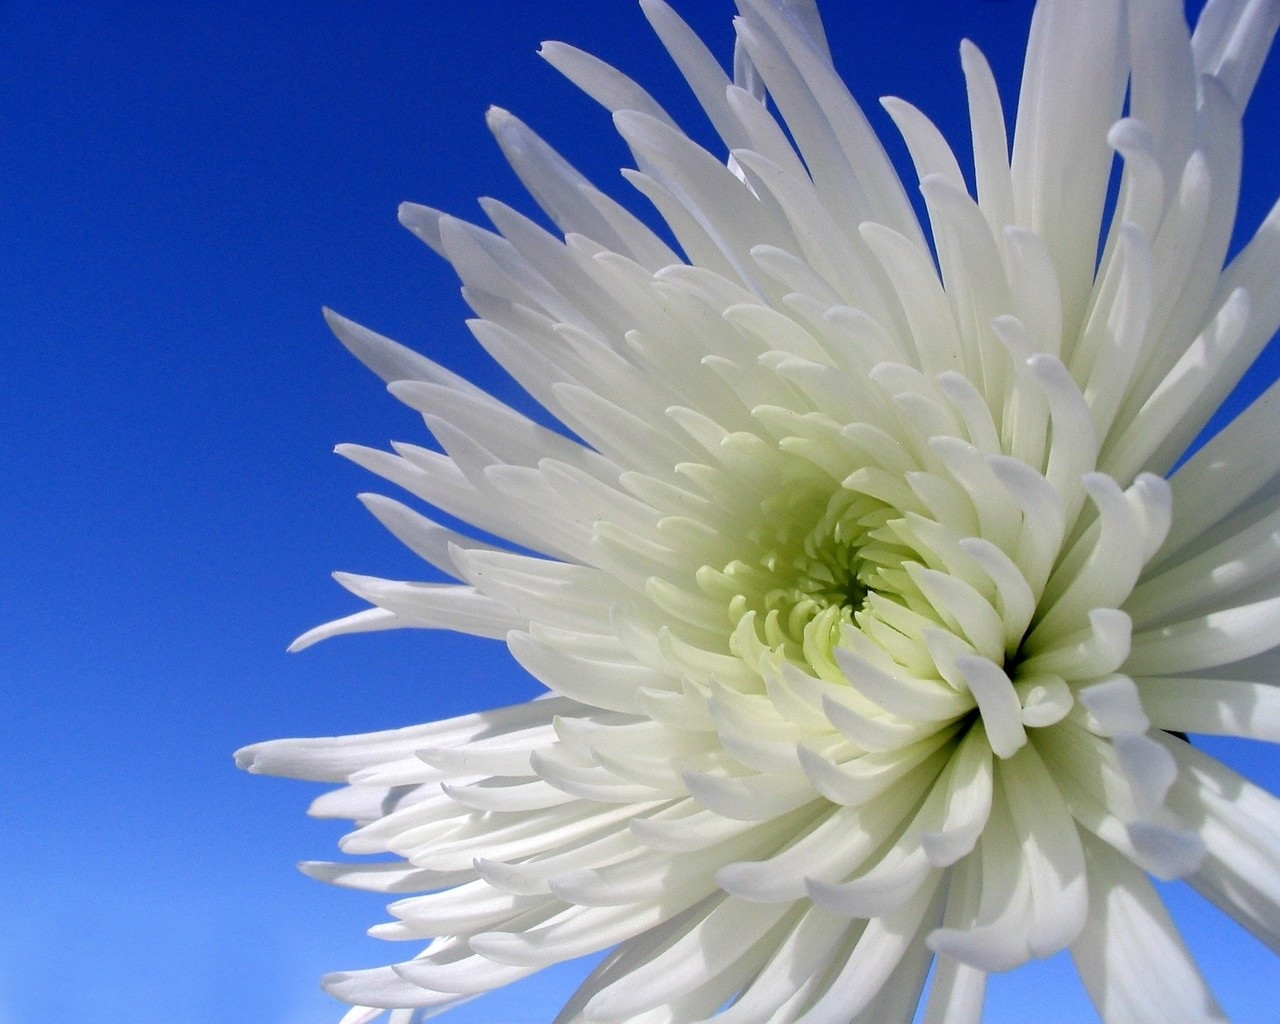 Güzel iddiasız bir kapalı çiçek nasıl seçilir